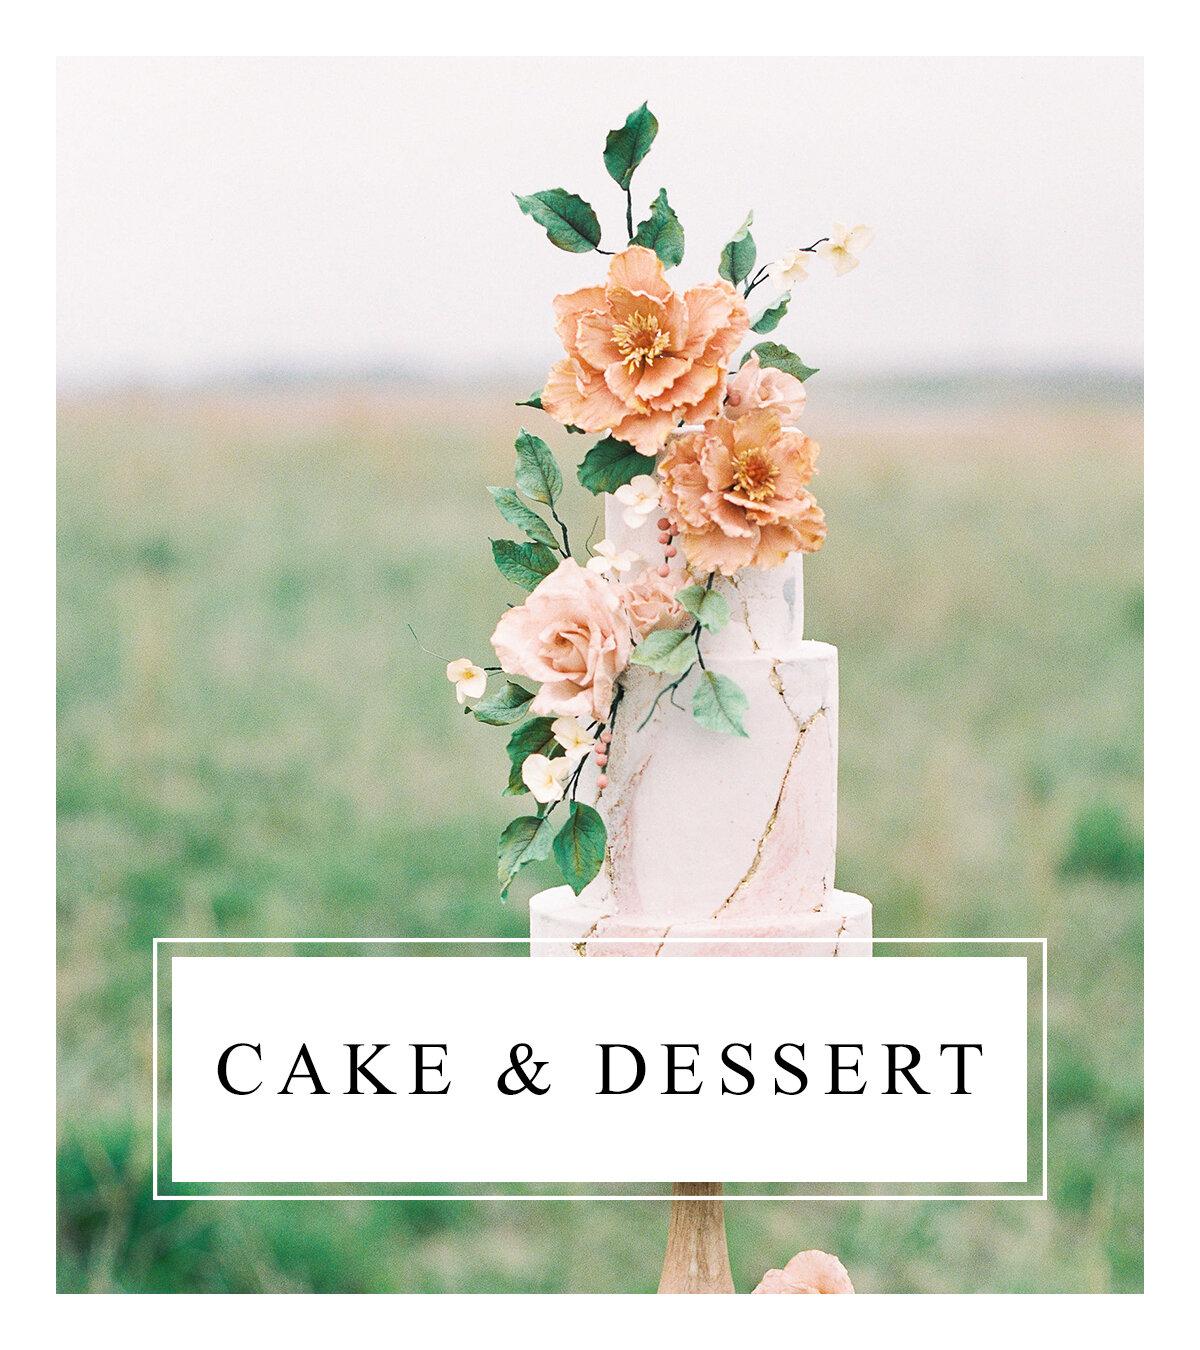 Bronte Bride - Alberta Wedding Vendor Guide - Cakes